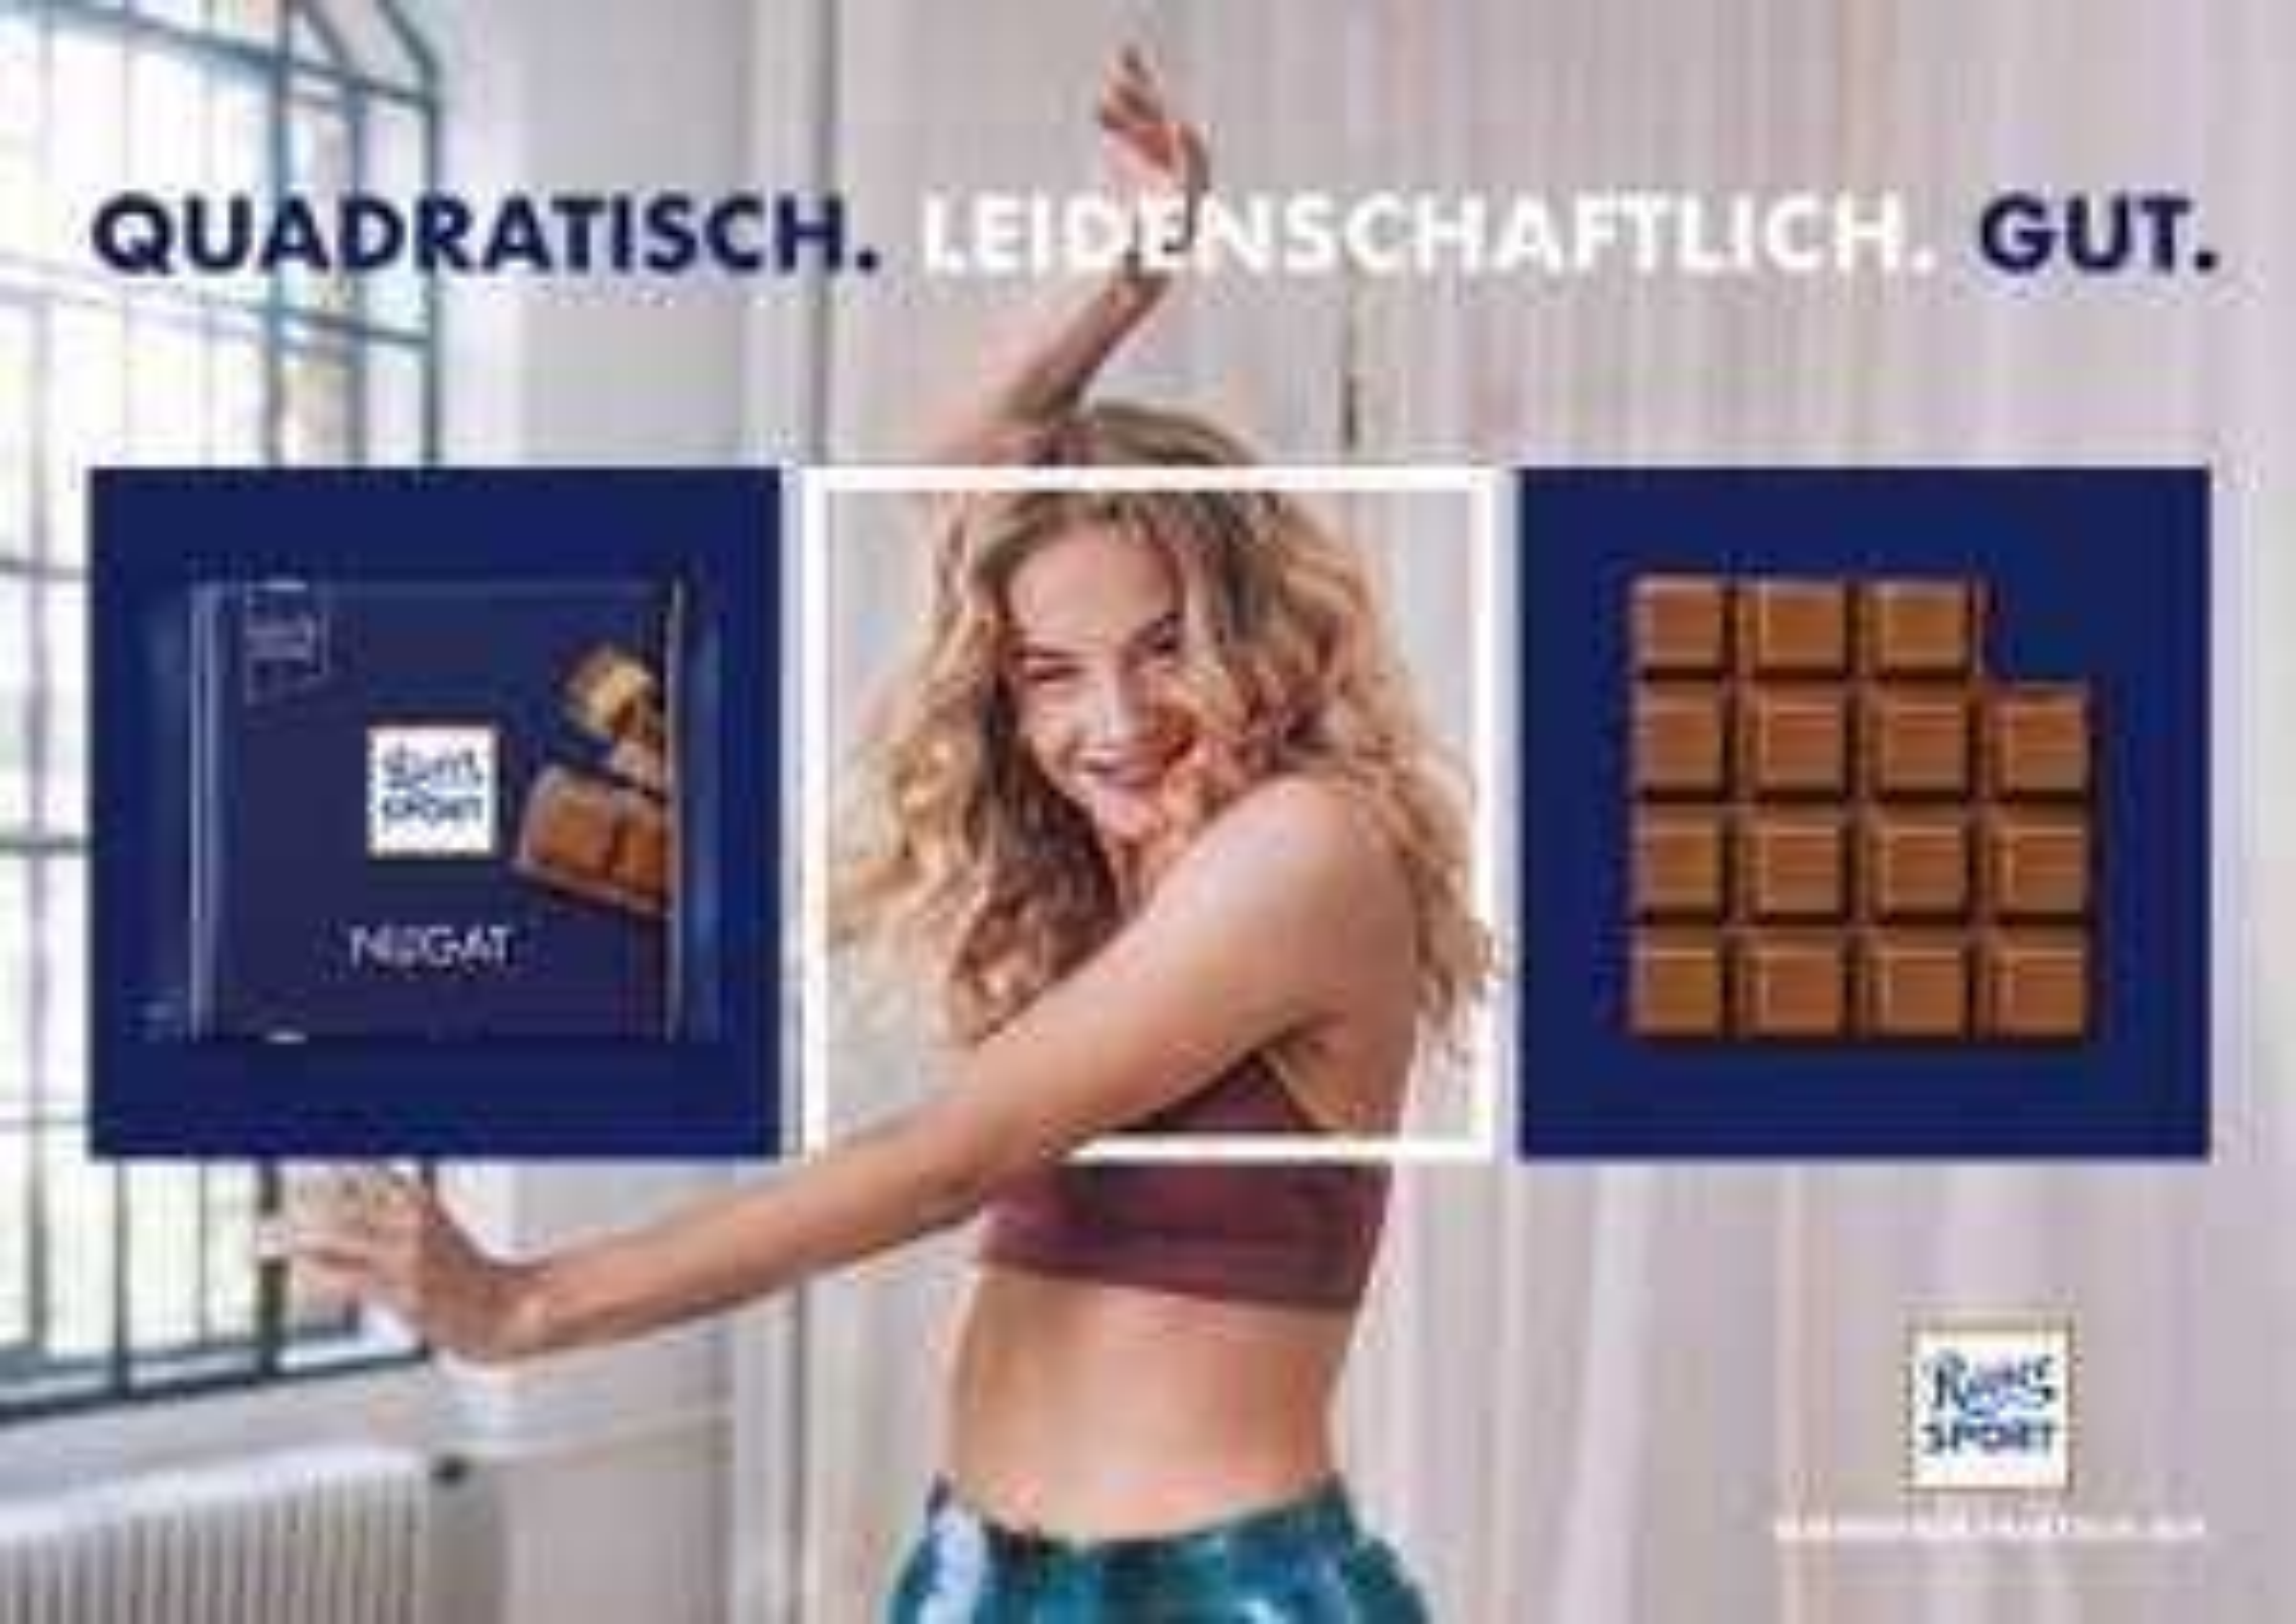 Ritter Sport Tafelschokolade Bunte Vielfalt versch. Sorten, Globus Supermarkt